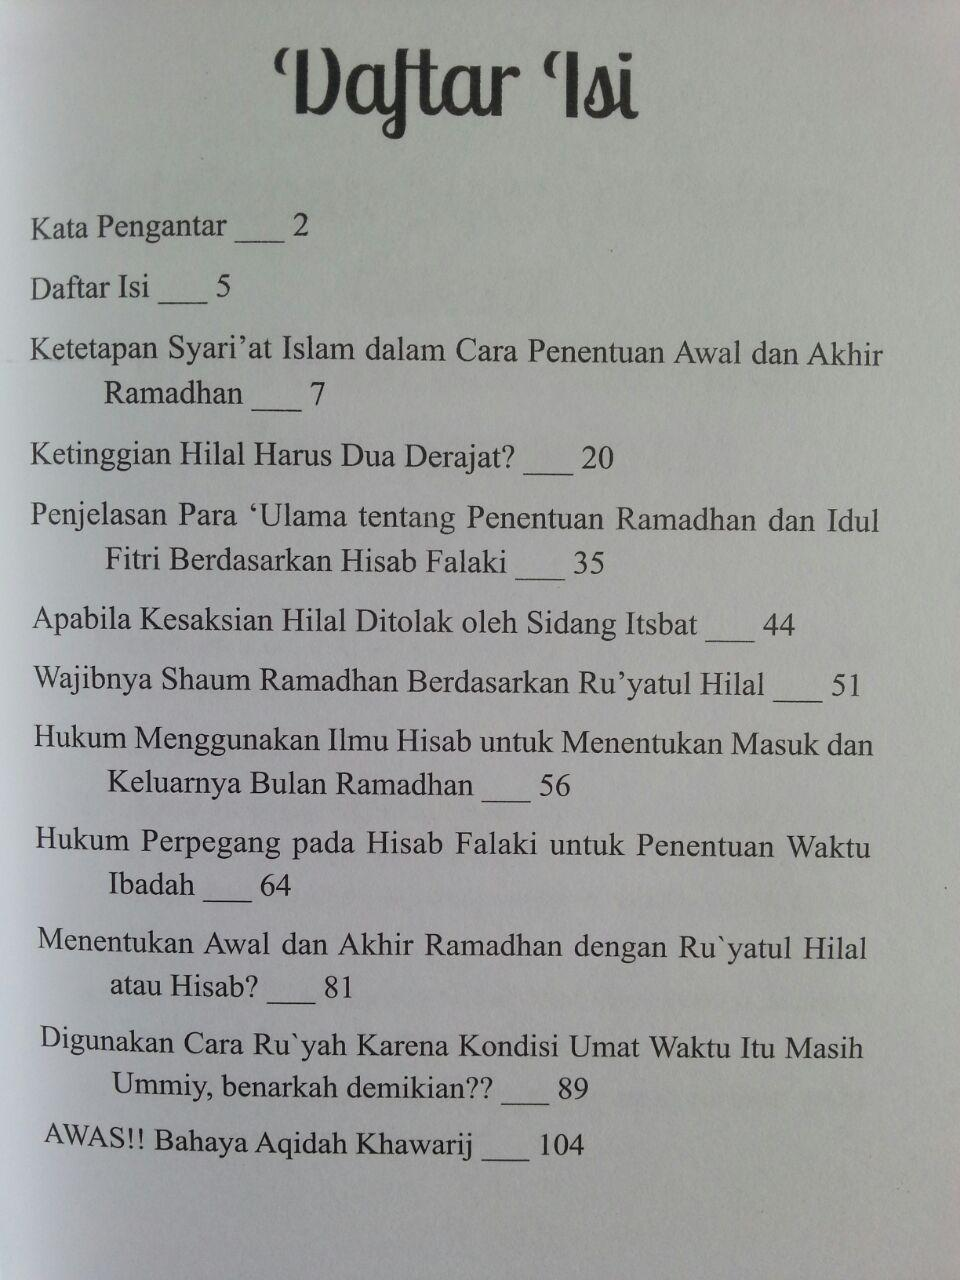 Buku Menentukan Awal Dan Akhir Ramadhan Dengan Ru'yatul Atau Hisab isi 2